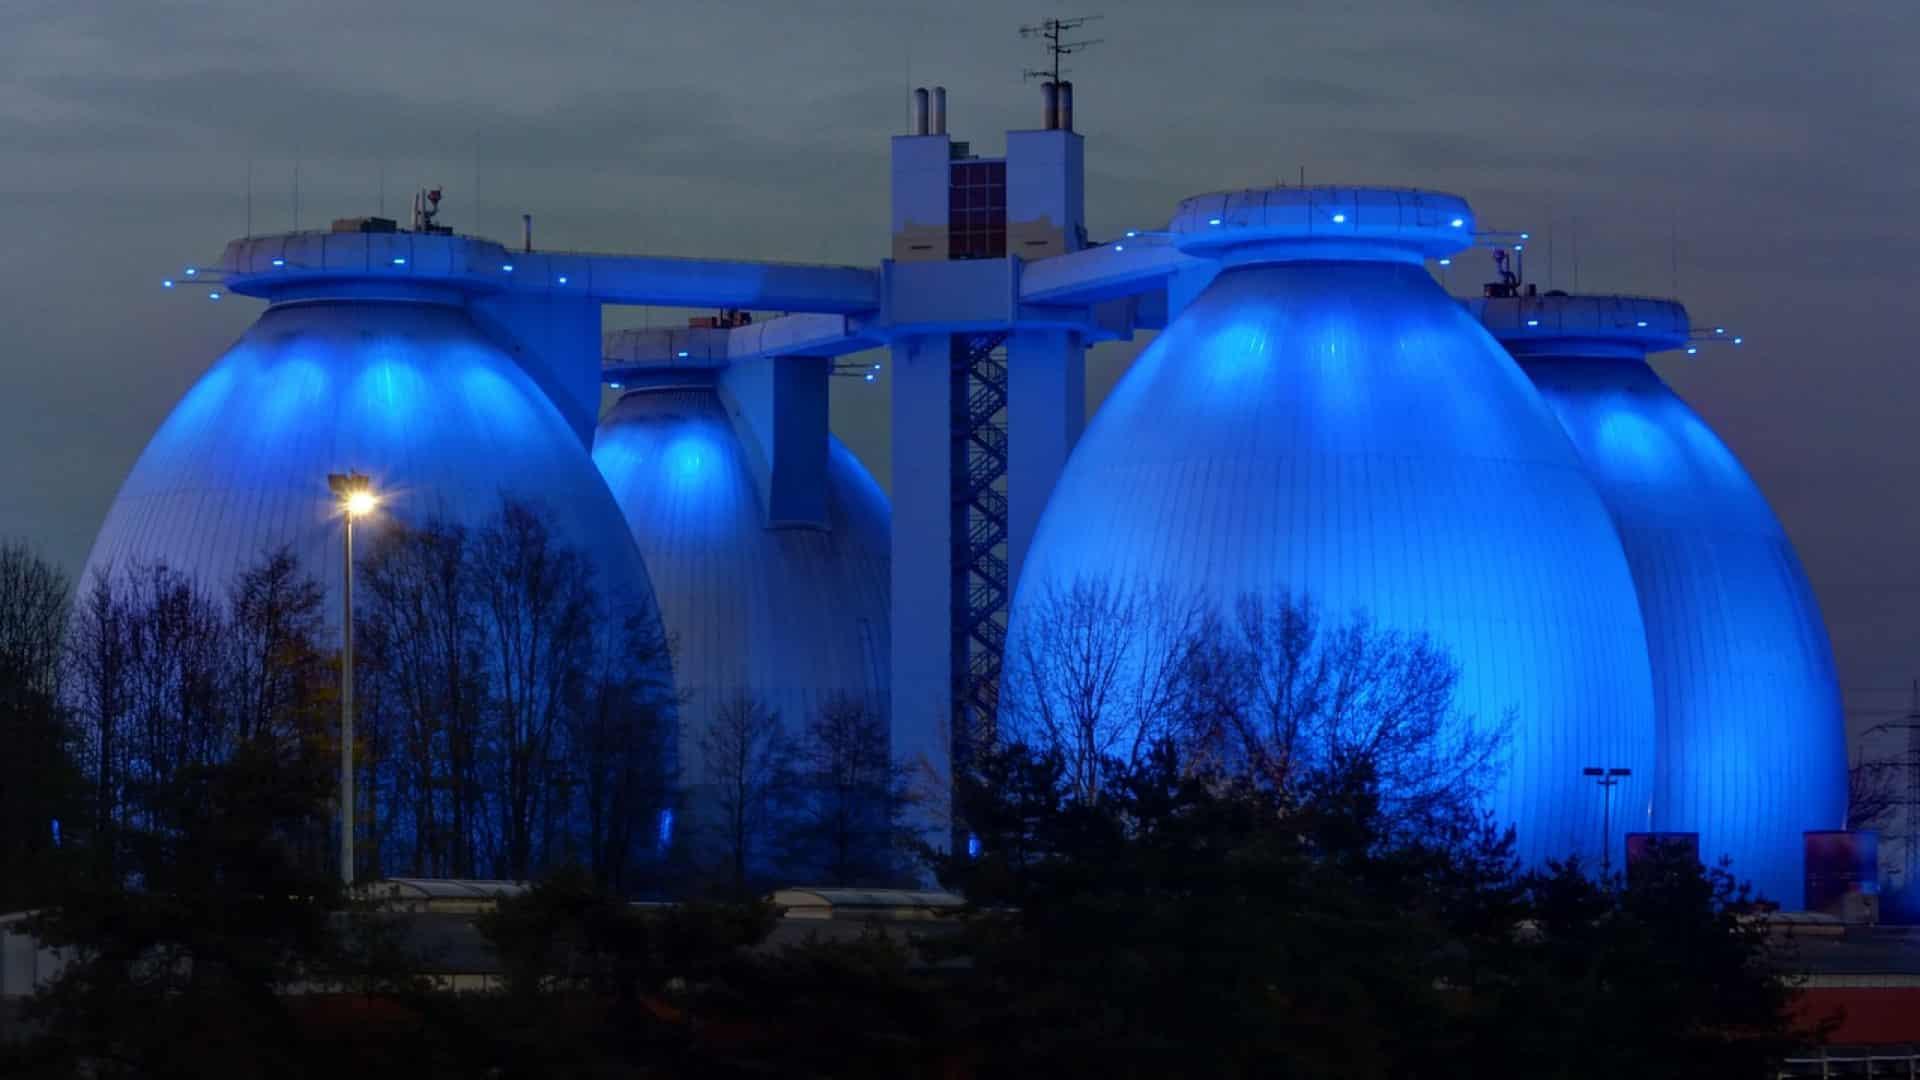 Tout savoir sur le traitement des eaux urbaines